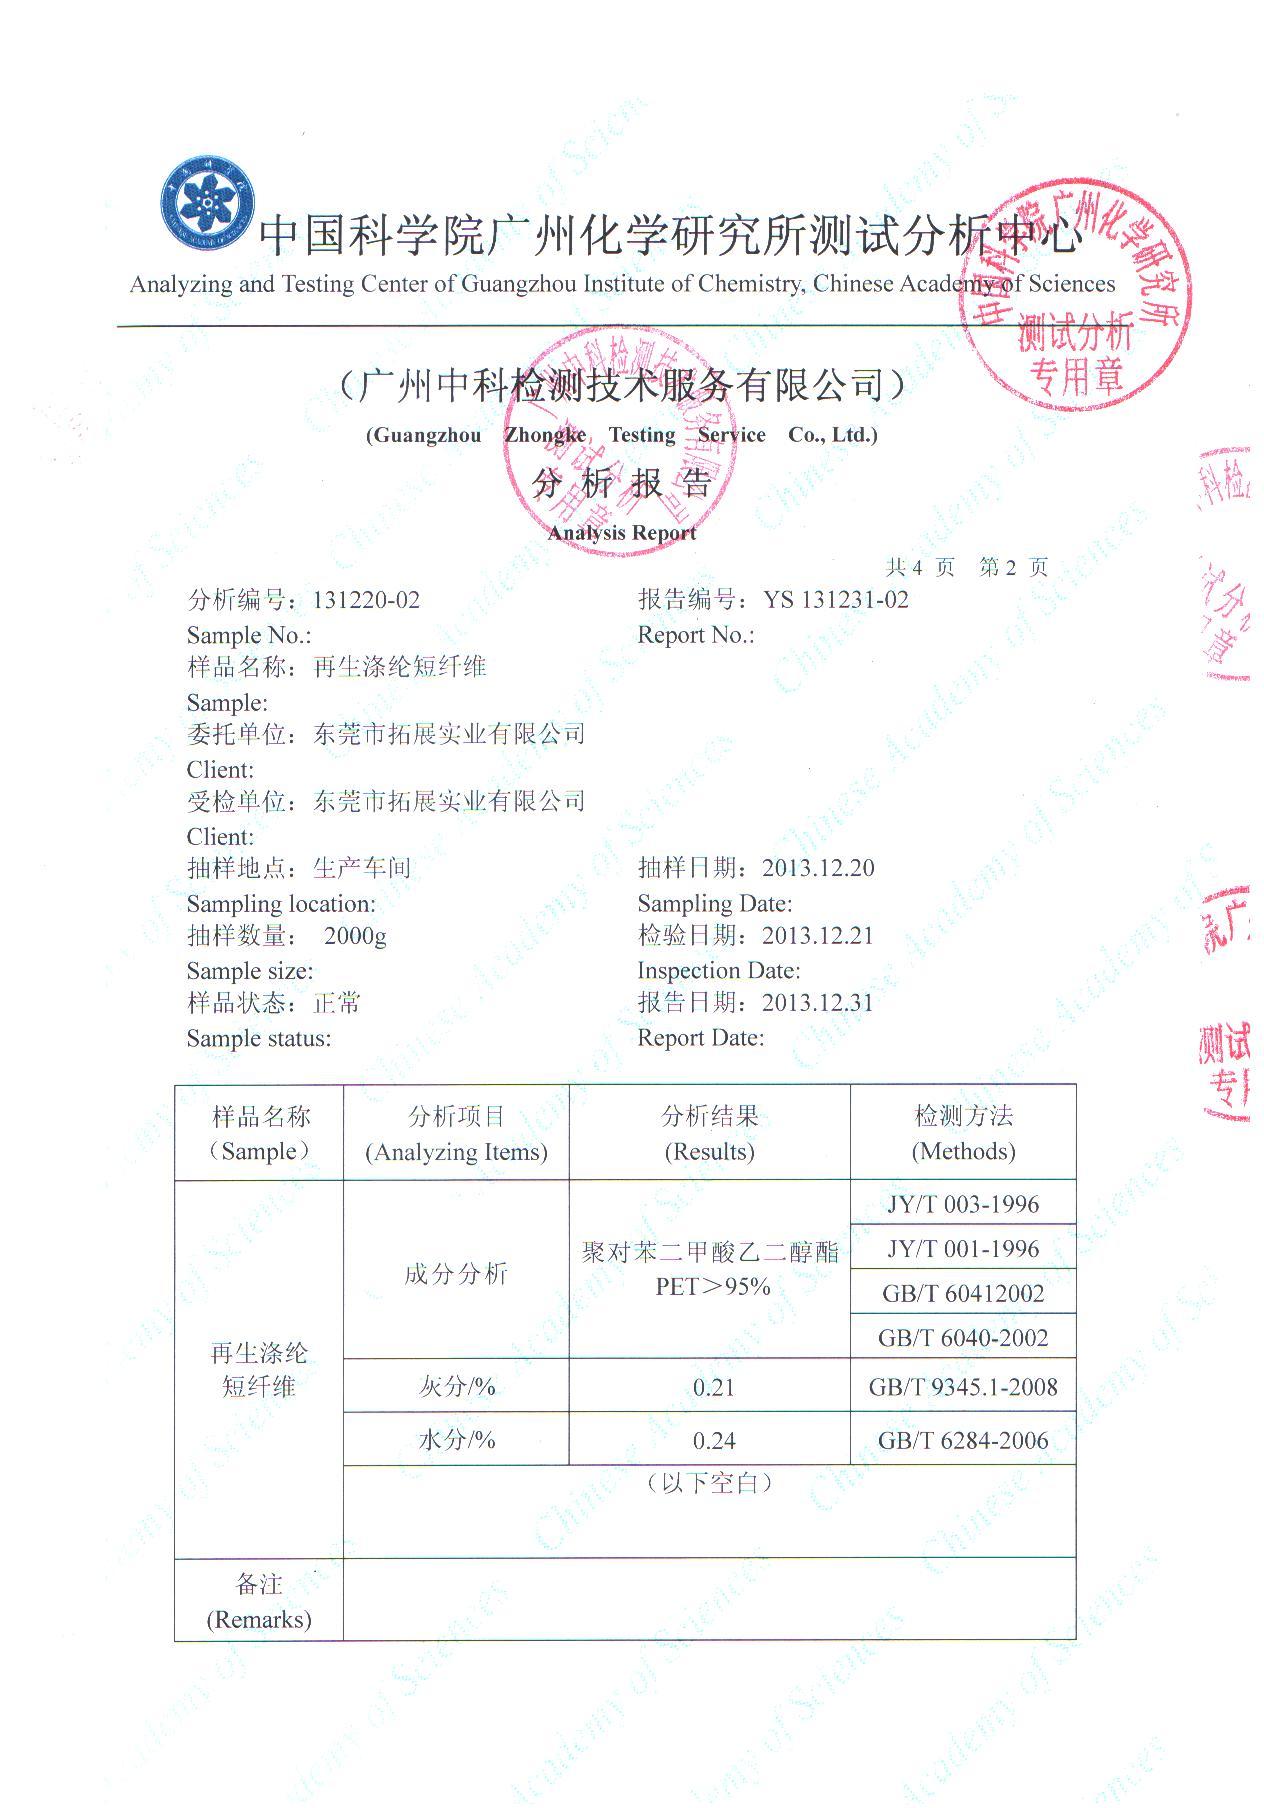 三维成品检验报告2013之一